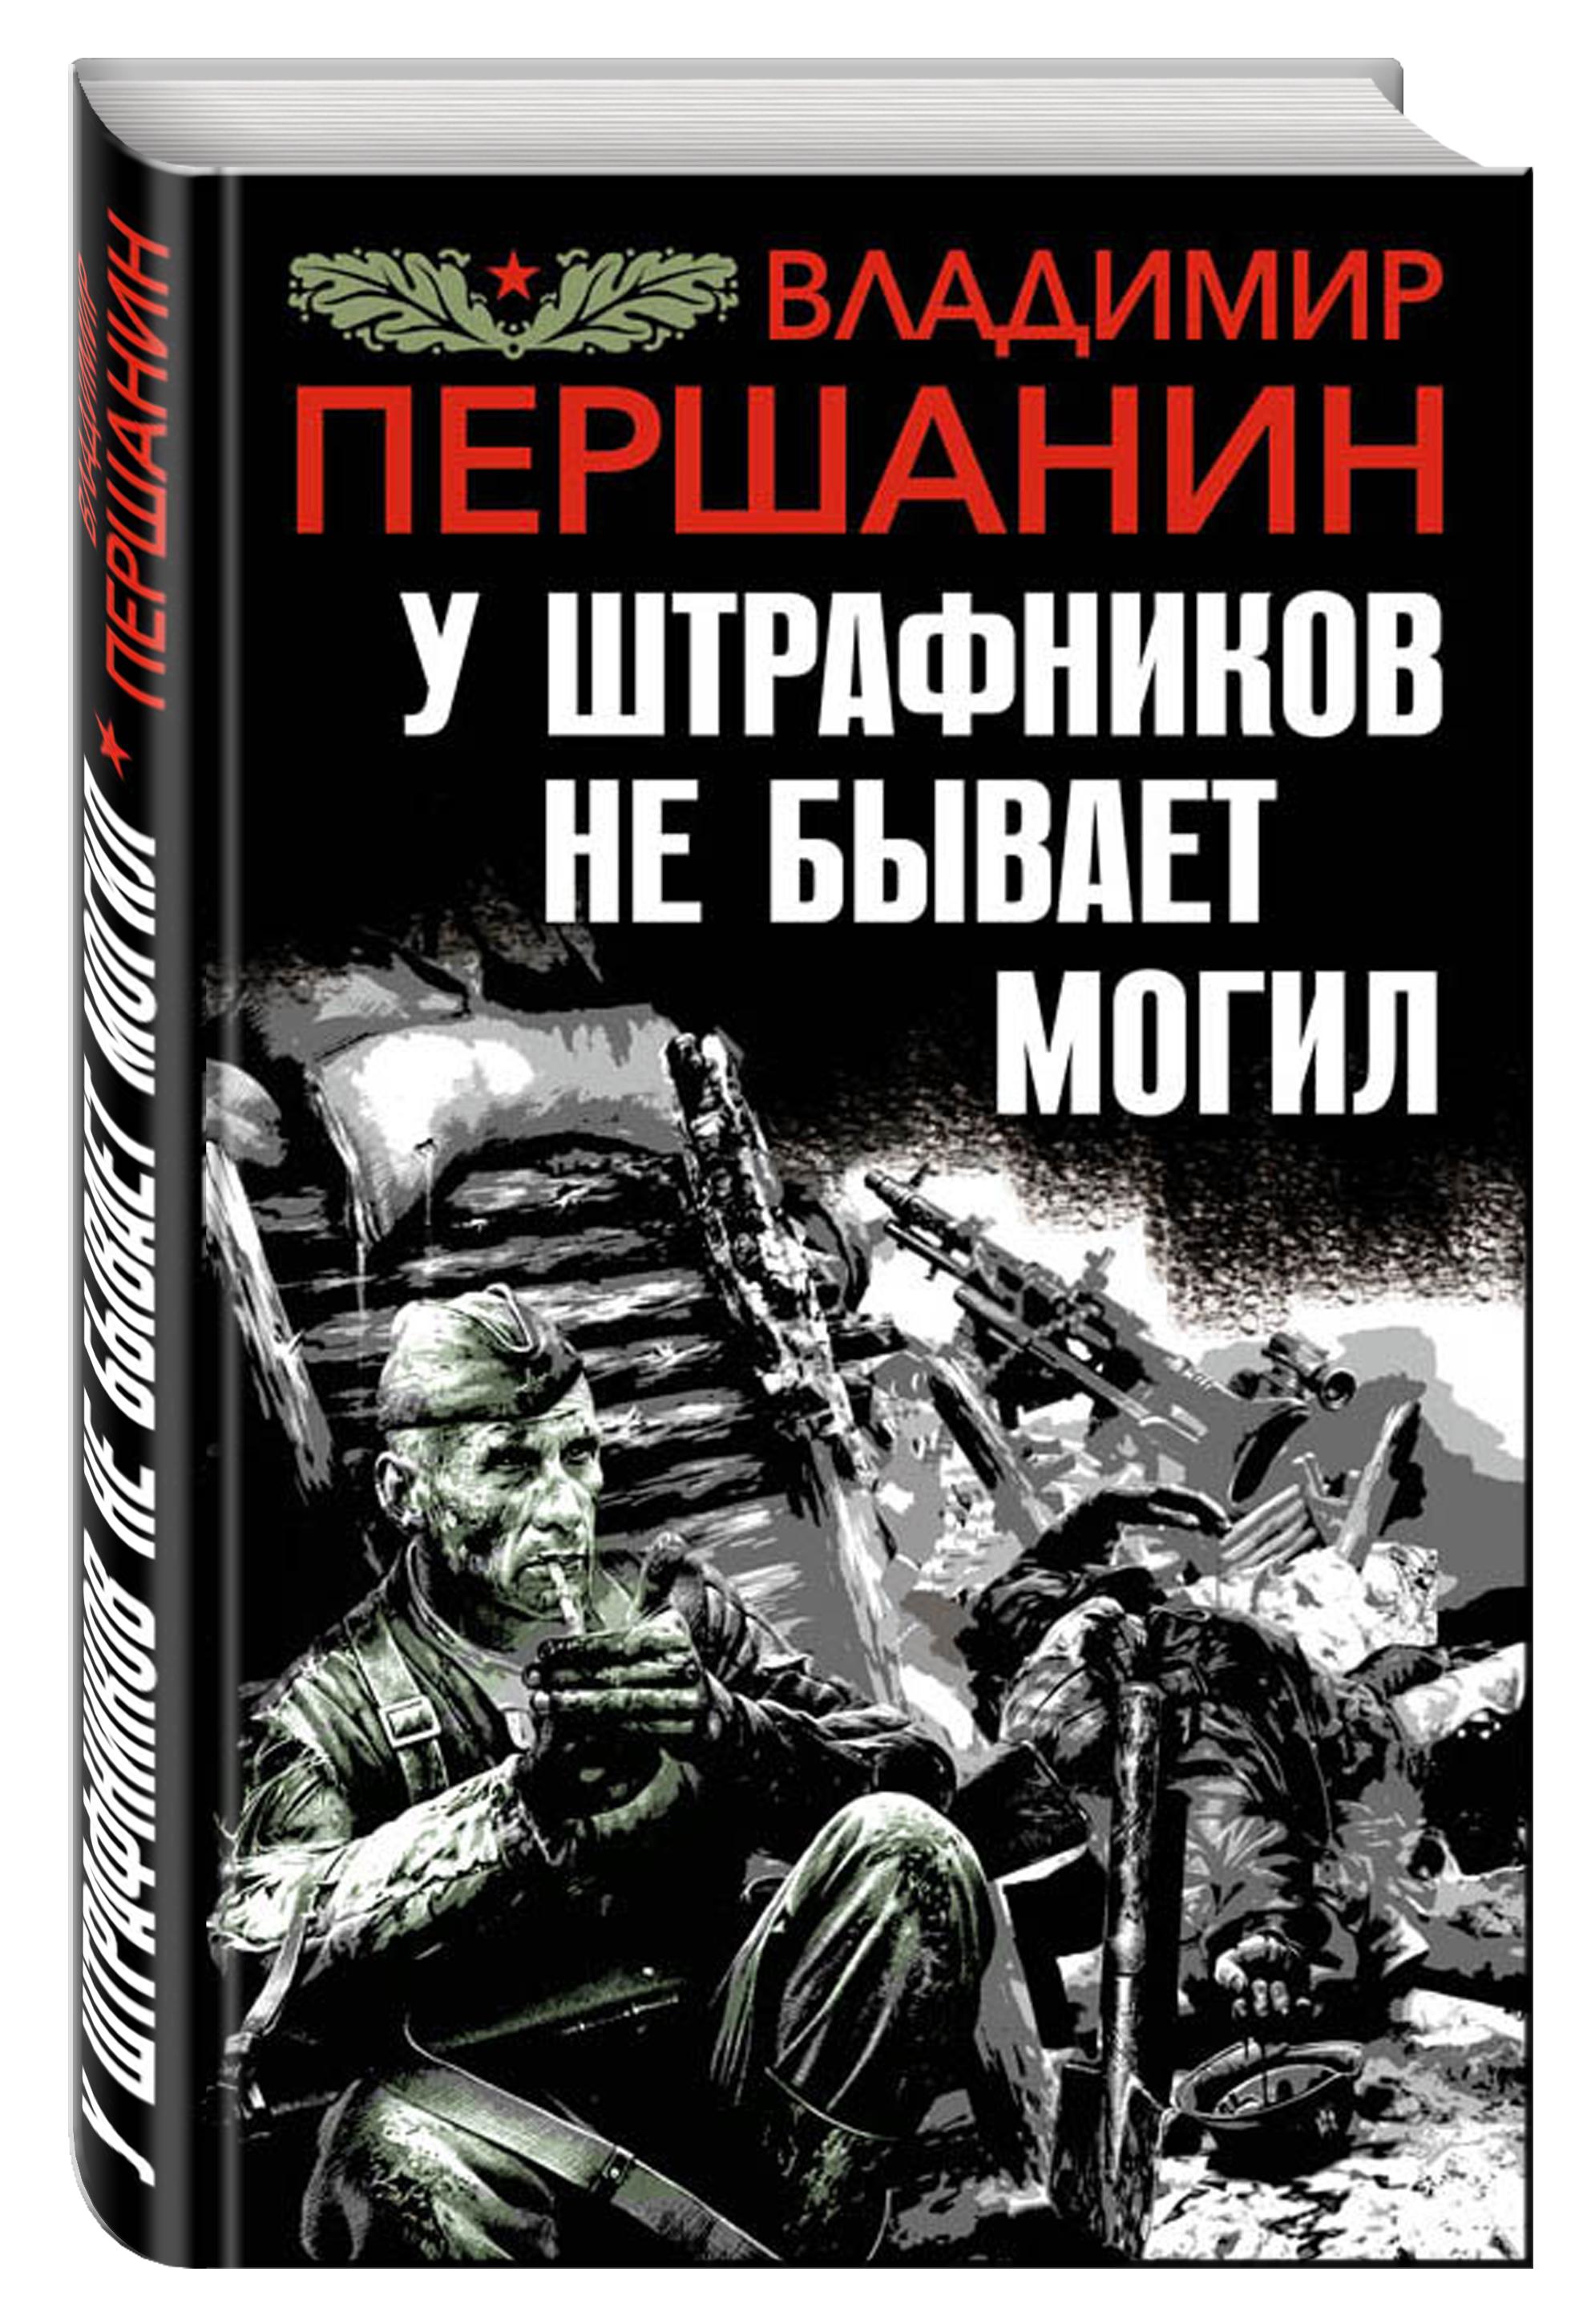 Першанин В.Н. У штрафников не бывает могил куплю матиз после дтп не на ходу в днепропетровске до 2000 у е без посредников